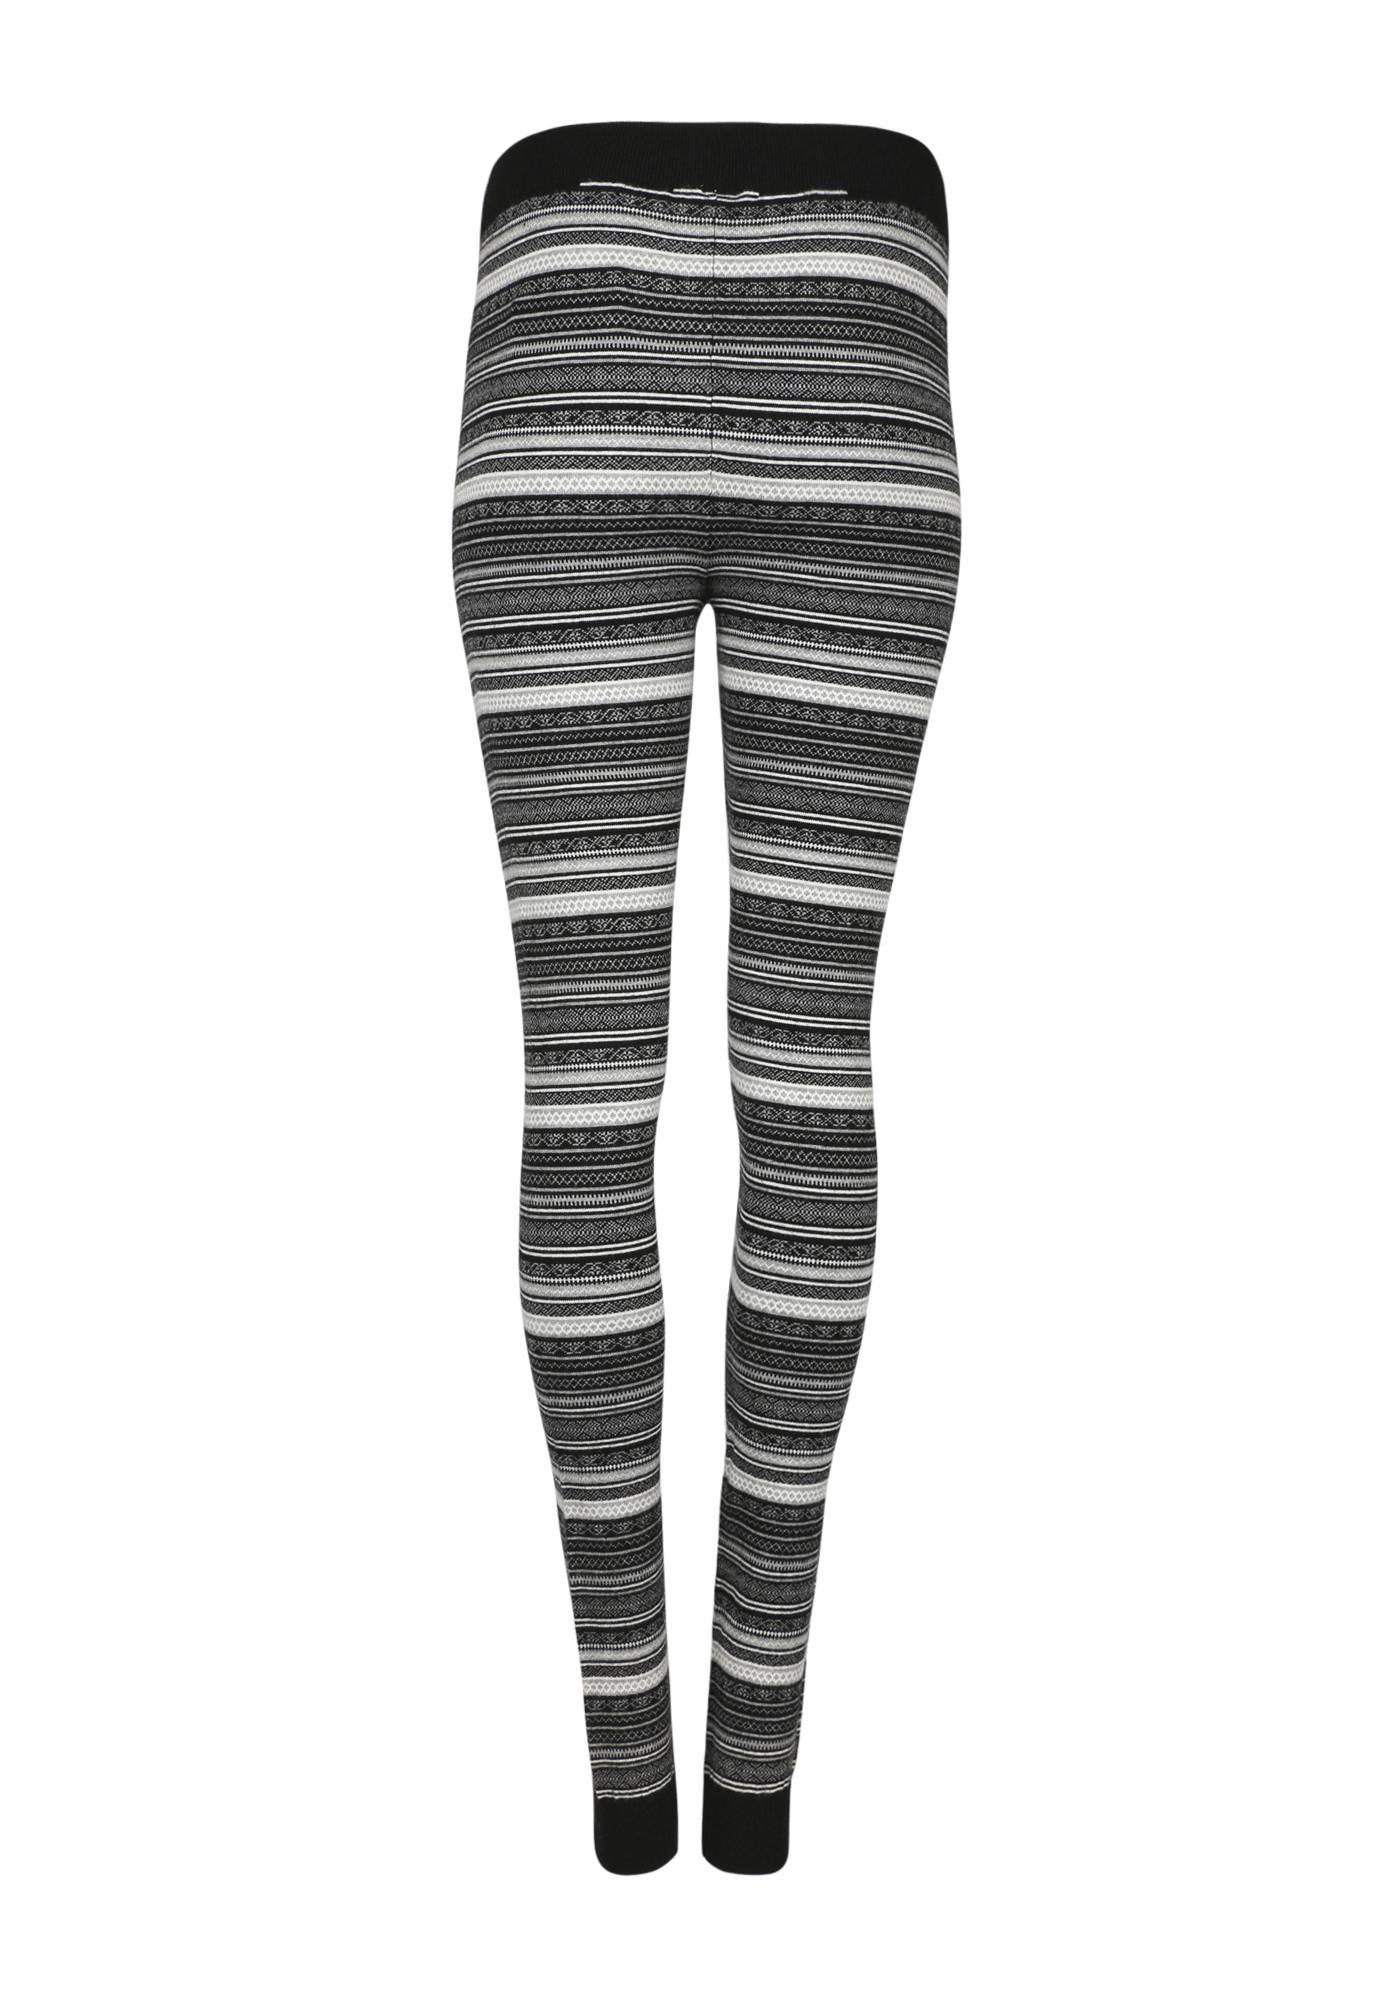 Women's Fair Isle Sweater Legging | Warehouse One